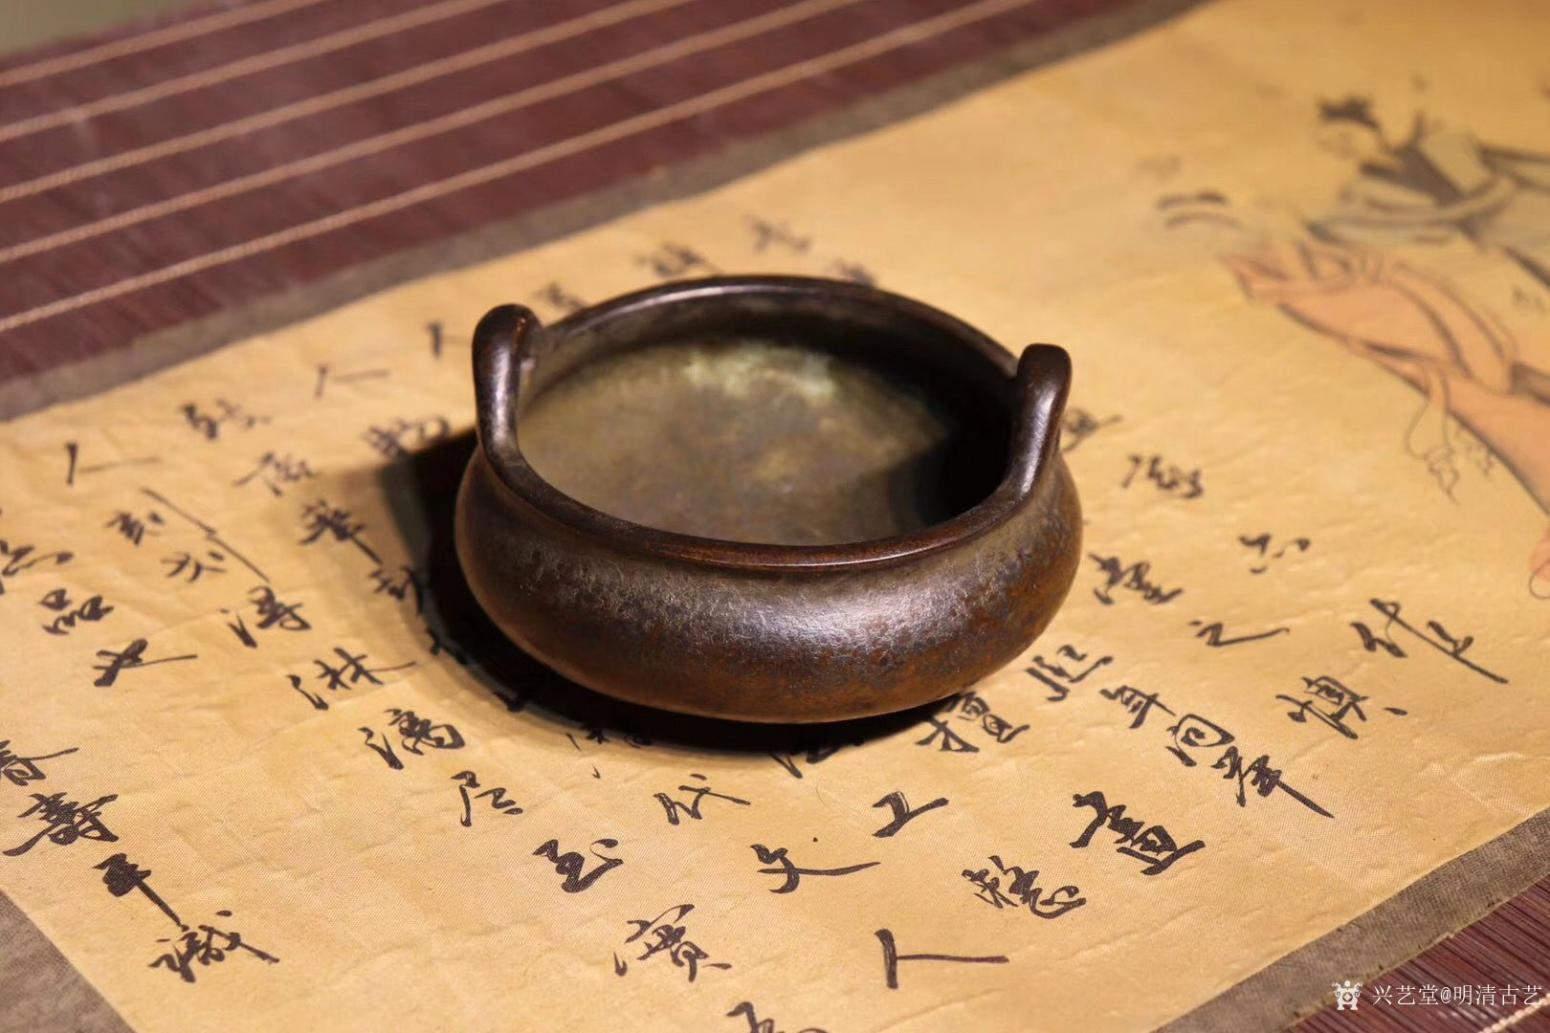 明清古艺文玩杂项作品《崇祯香炉》